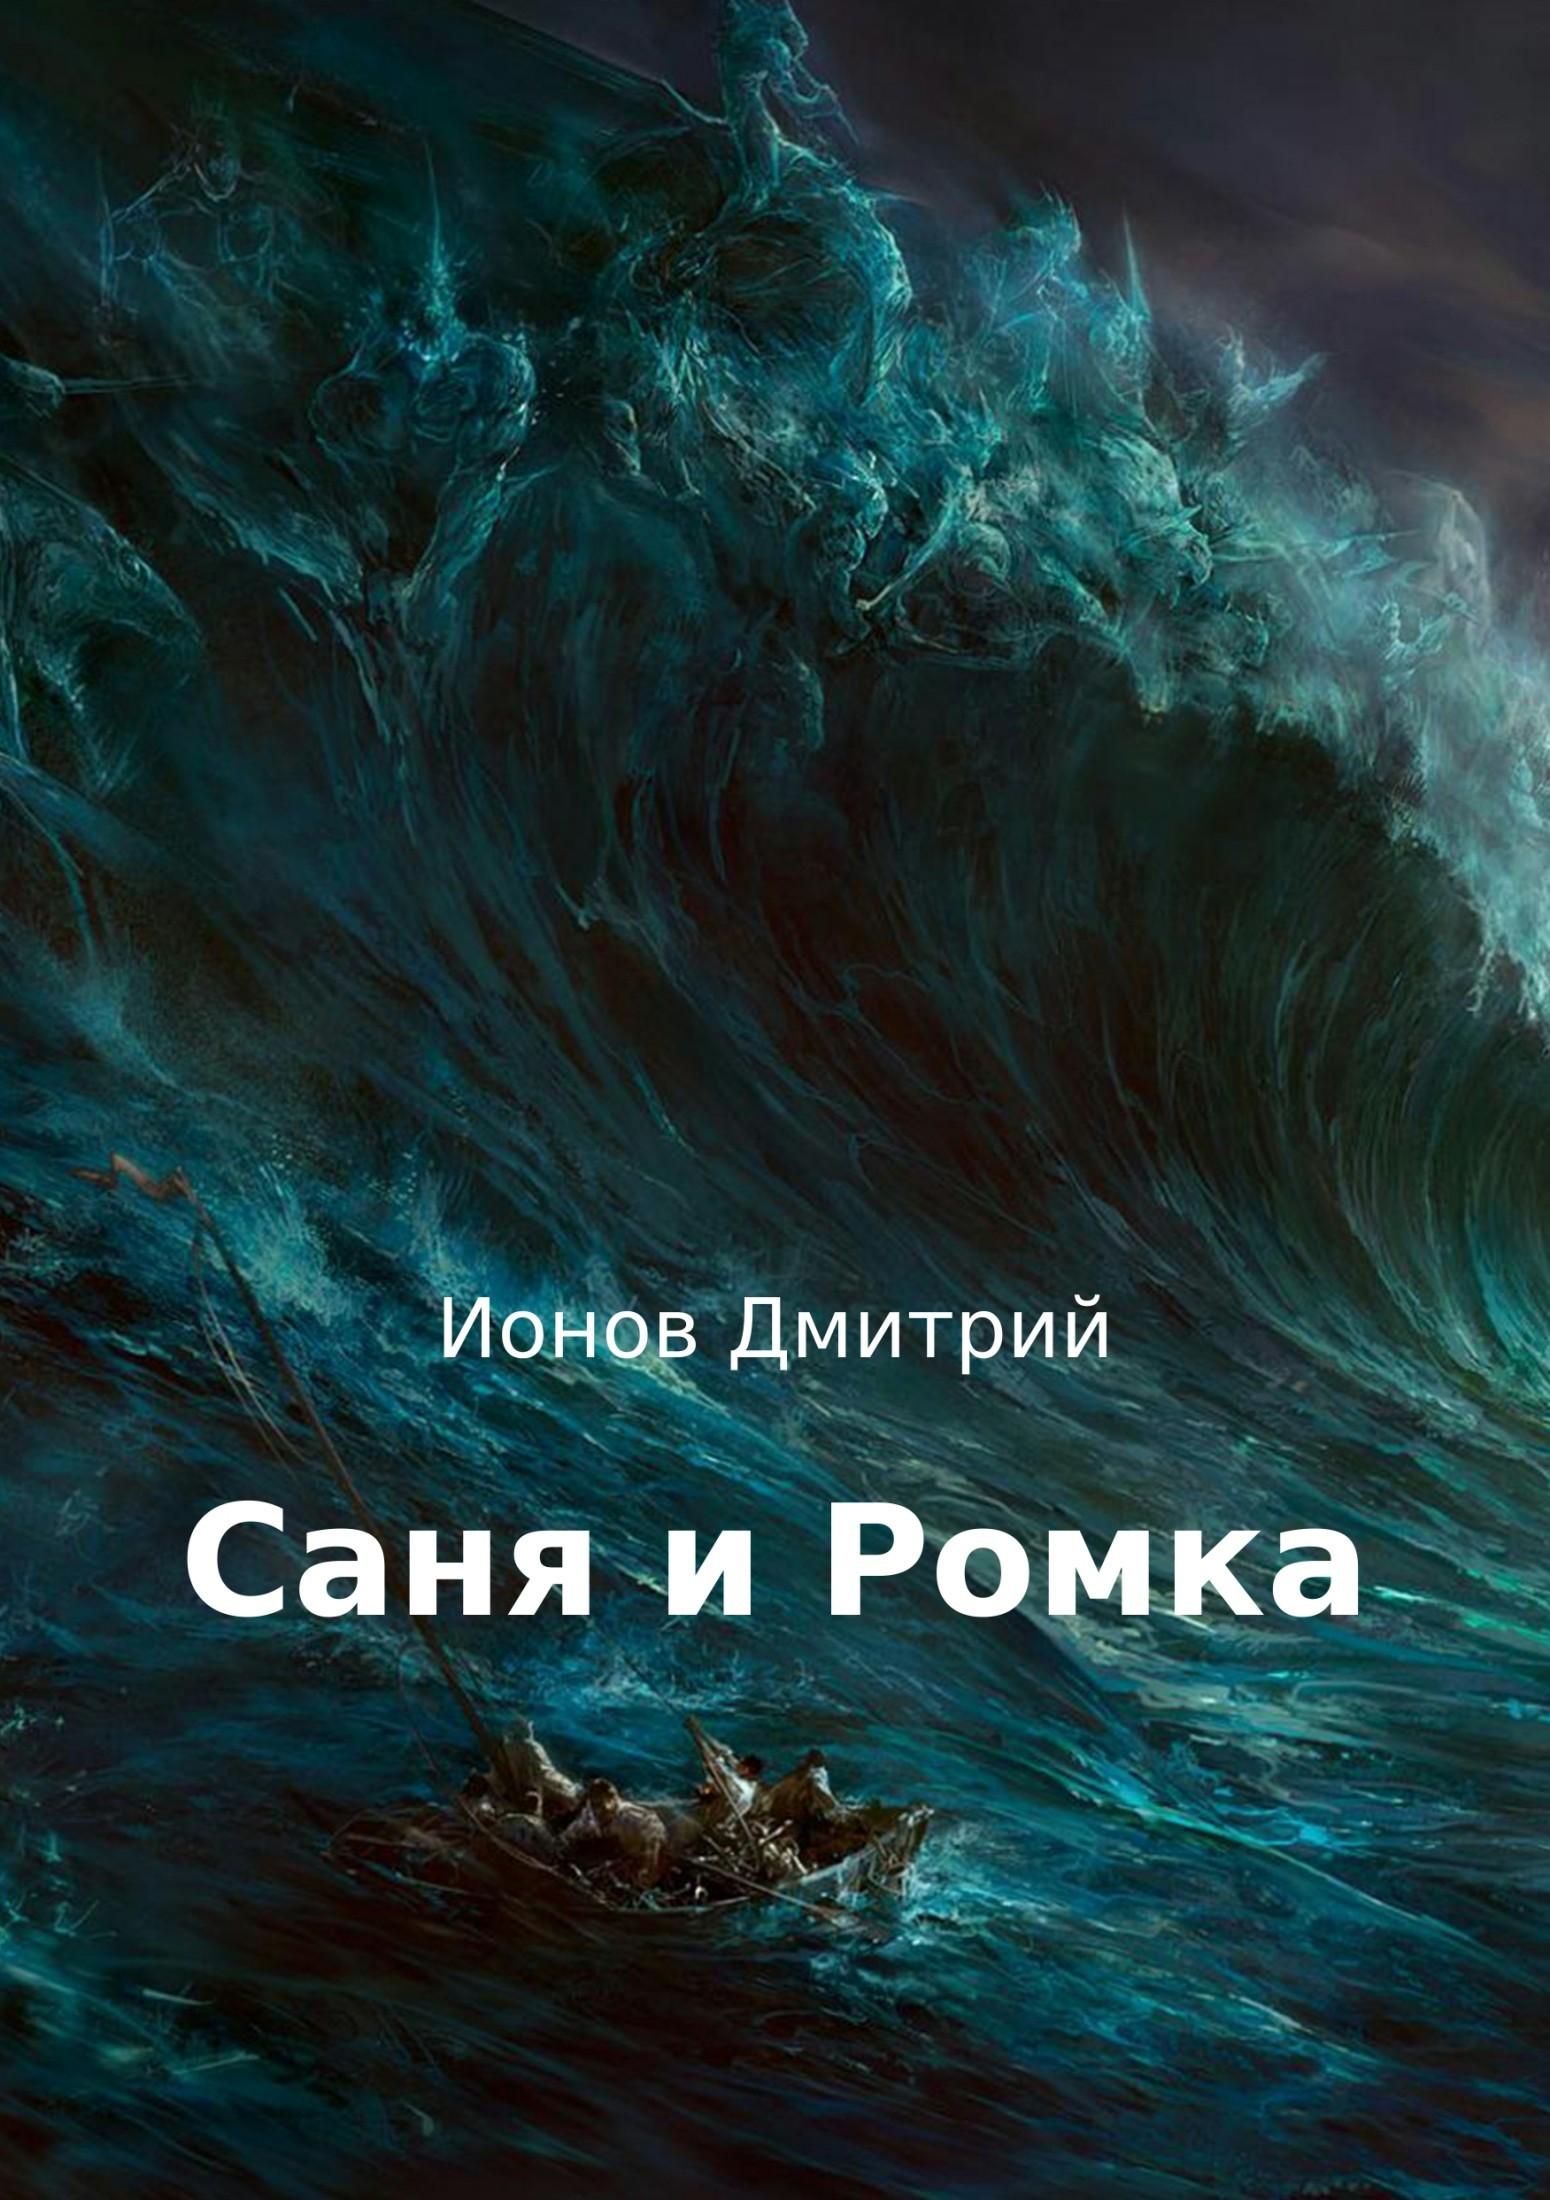 Дмитрий Сергеевич Ионов. Саня и Ромка. Рассказ